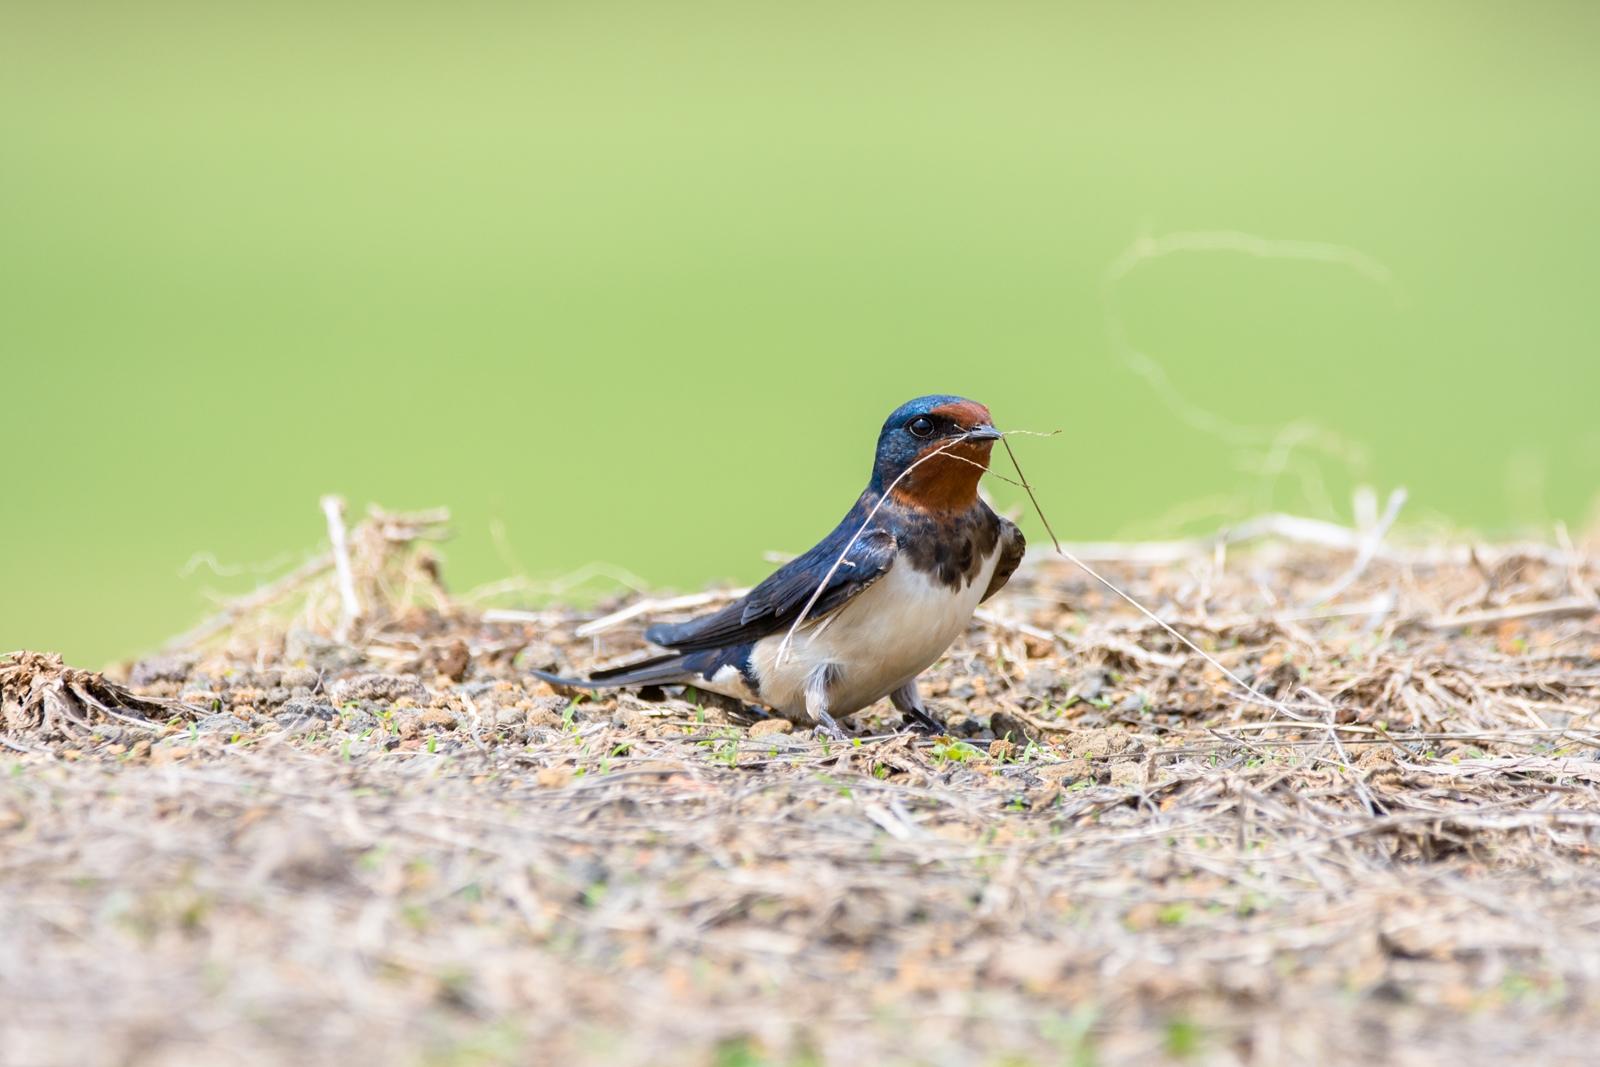 Photo: 「かたちを築く」 / Build a house.  少しずつ 時間をかけてこつこつと 小さな積み重ね 新たなかたちを生み出していく  Barn swallow. (ツバメ)  Nikon D7200 SIGMA 150-600mm F5-6.3 DG OS HSM Contemporary  #birdphotography #birds #kawaii #ことり #小鳥 #nikon #sigma  ( http://takafumiooshio.com/archives/2435 )